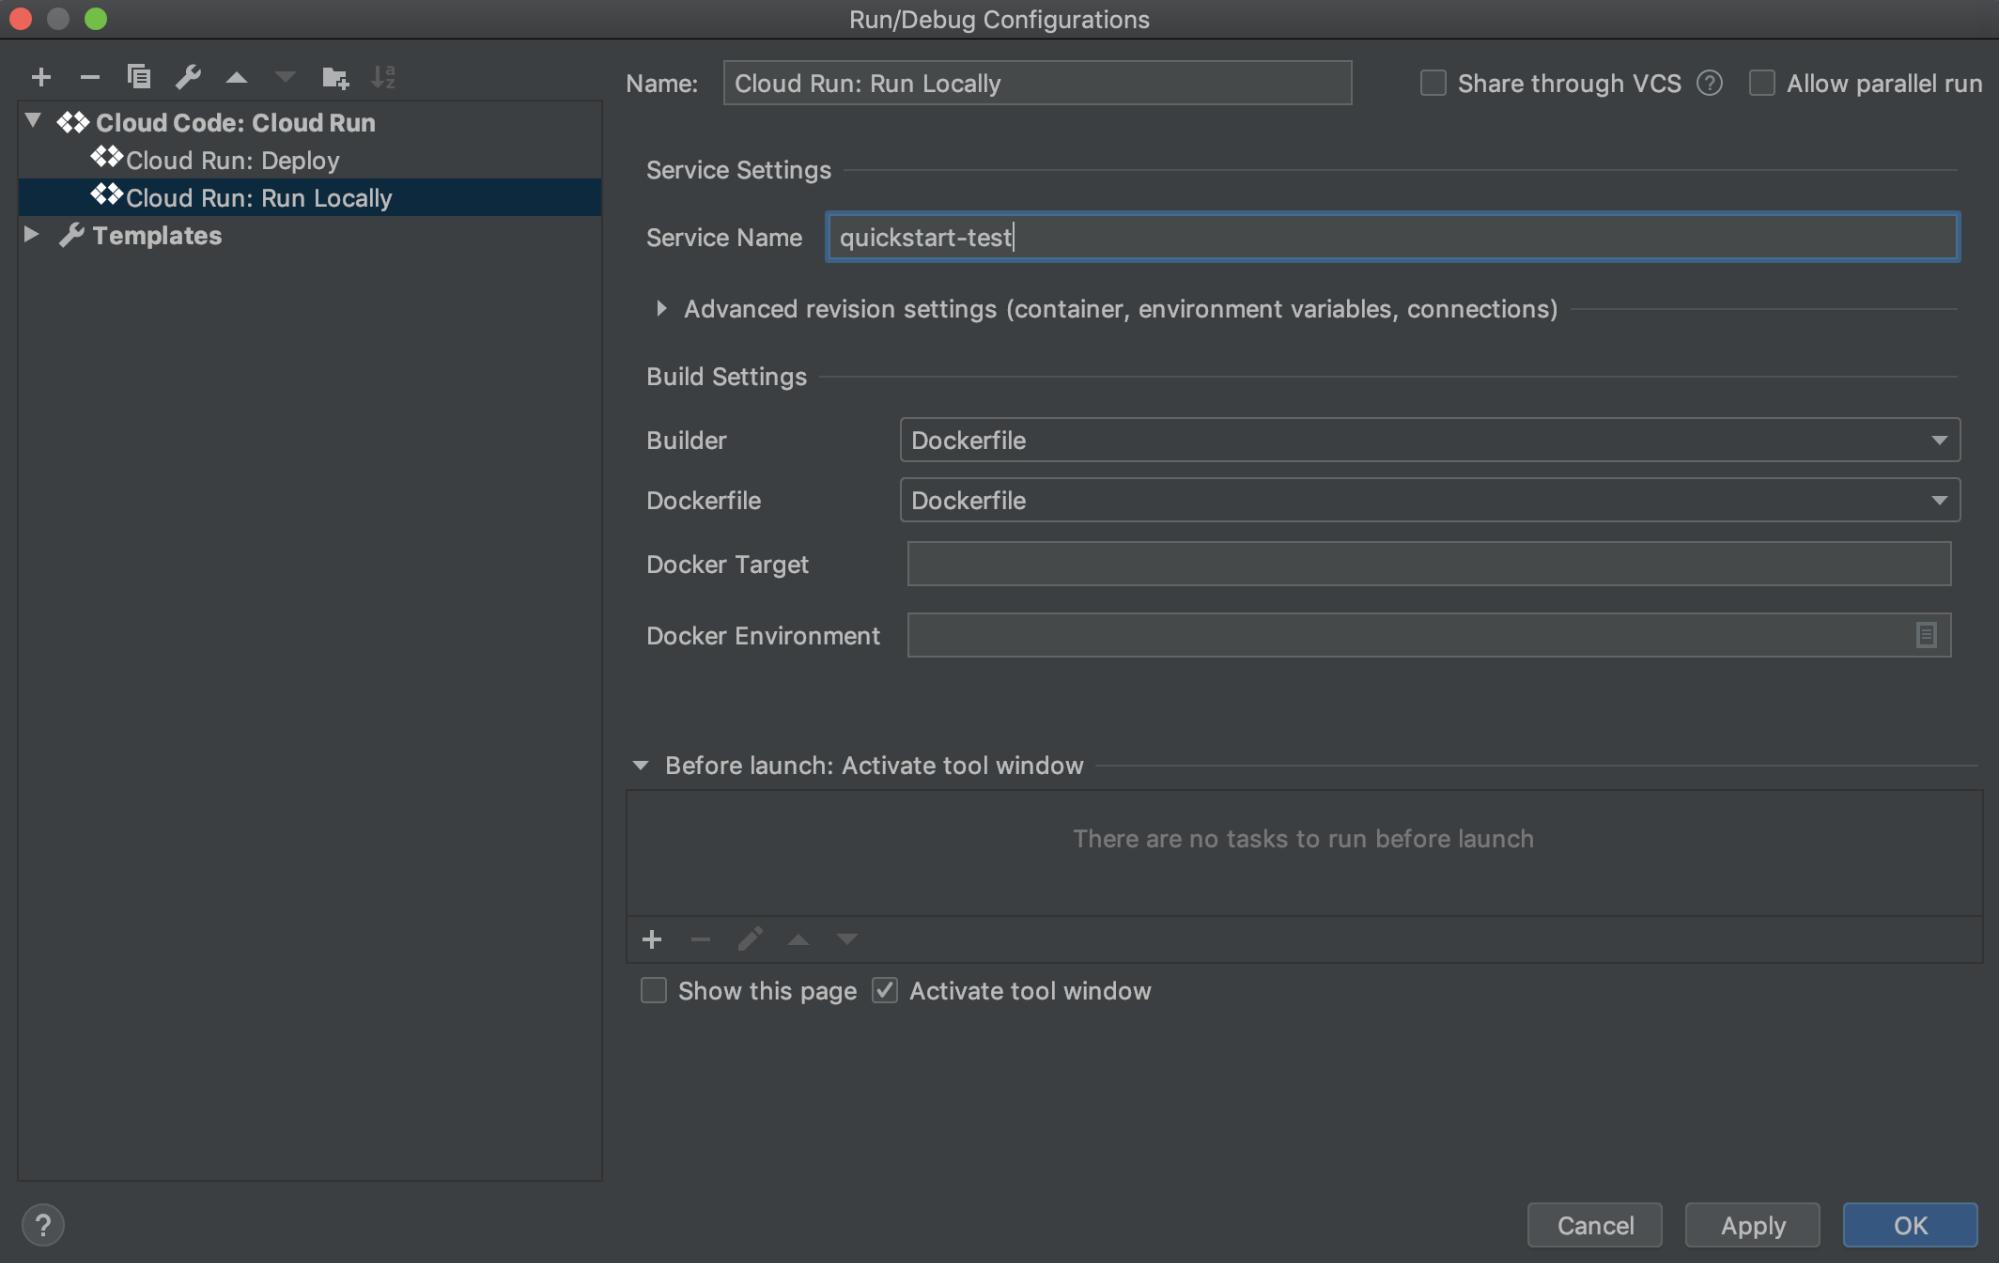 Cloud Run: execute a janela de configuração local